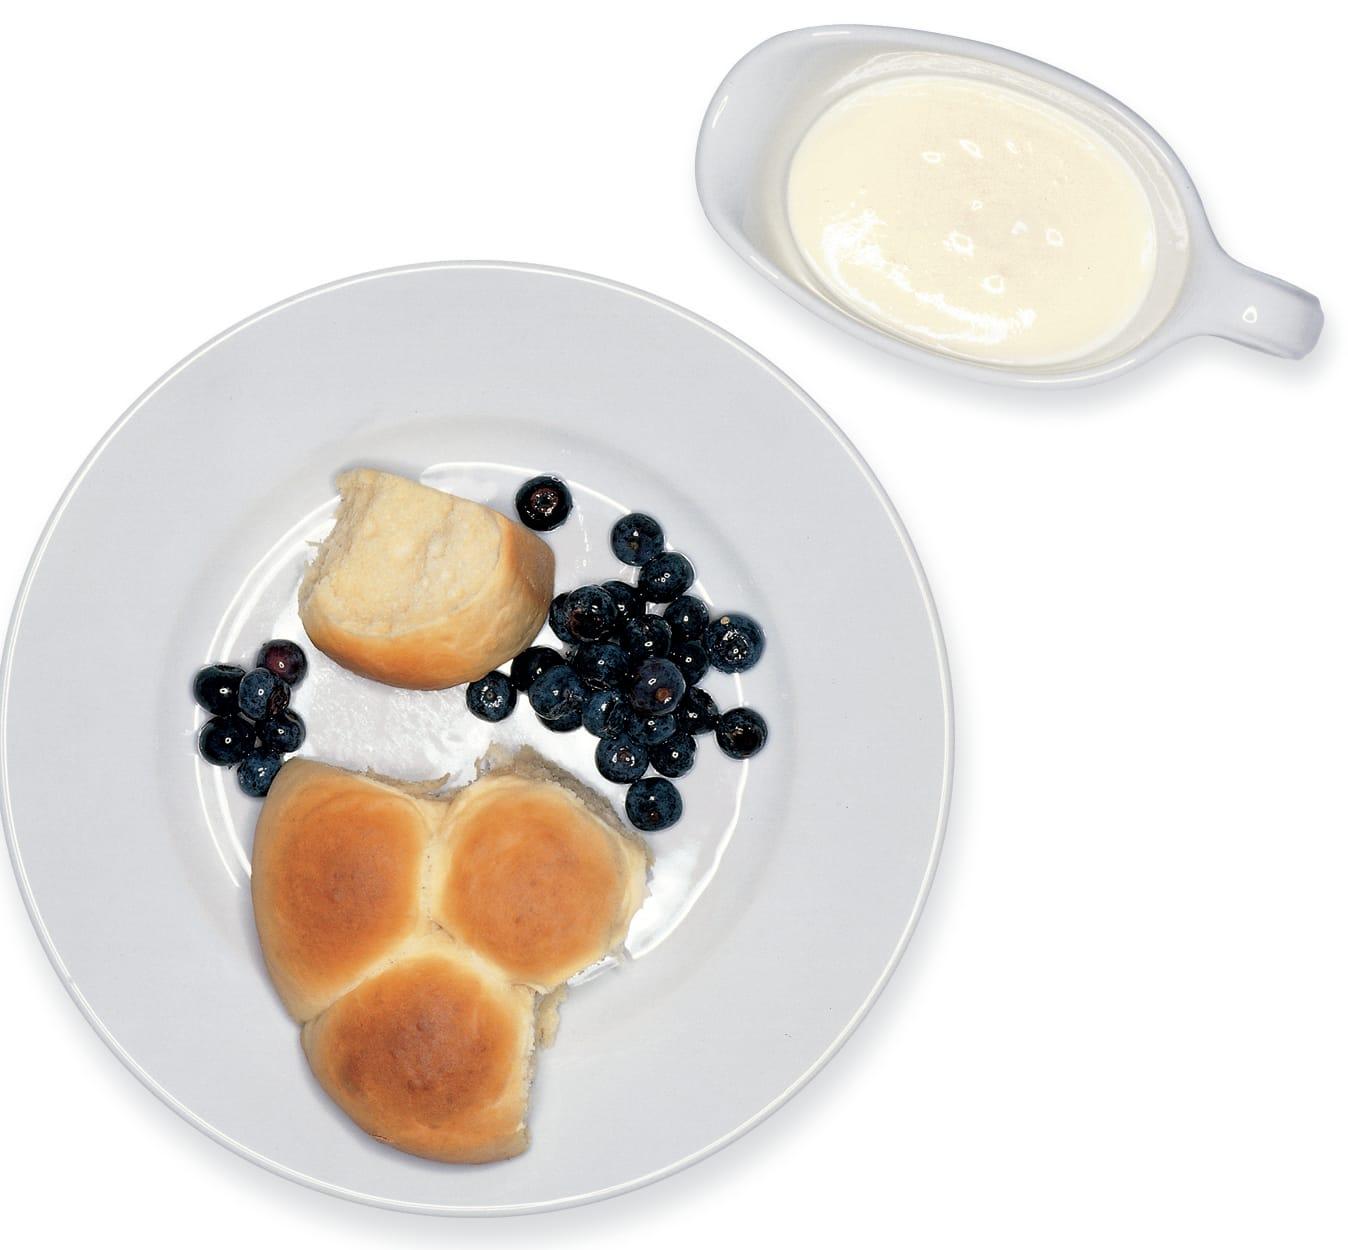 Boulettes de pâte à la crème au laurier et aux myrtilles